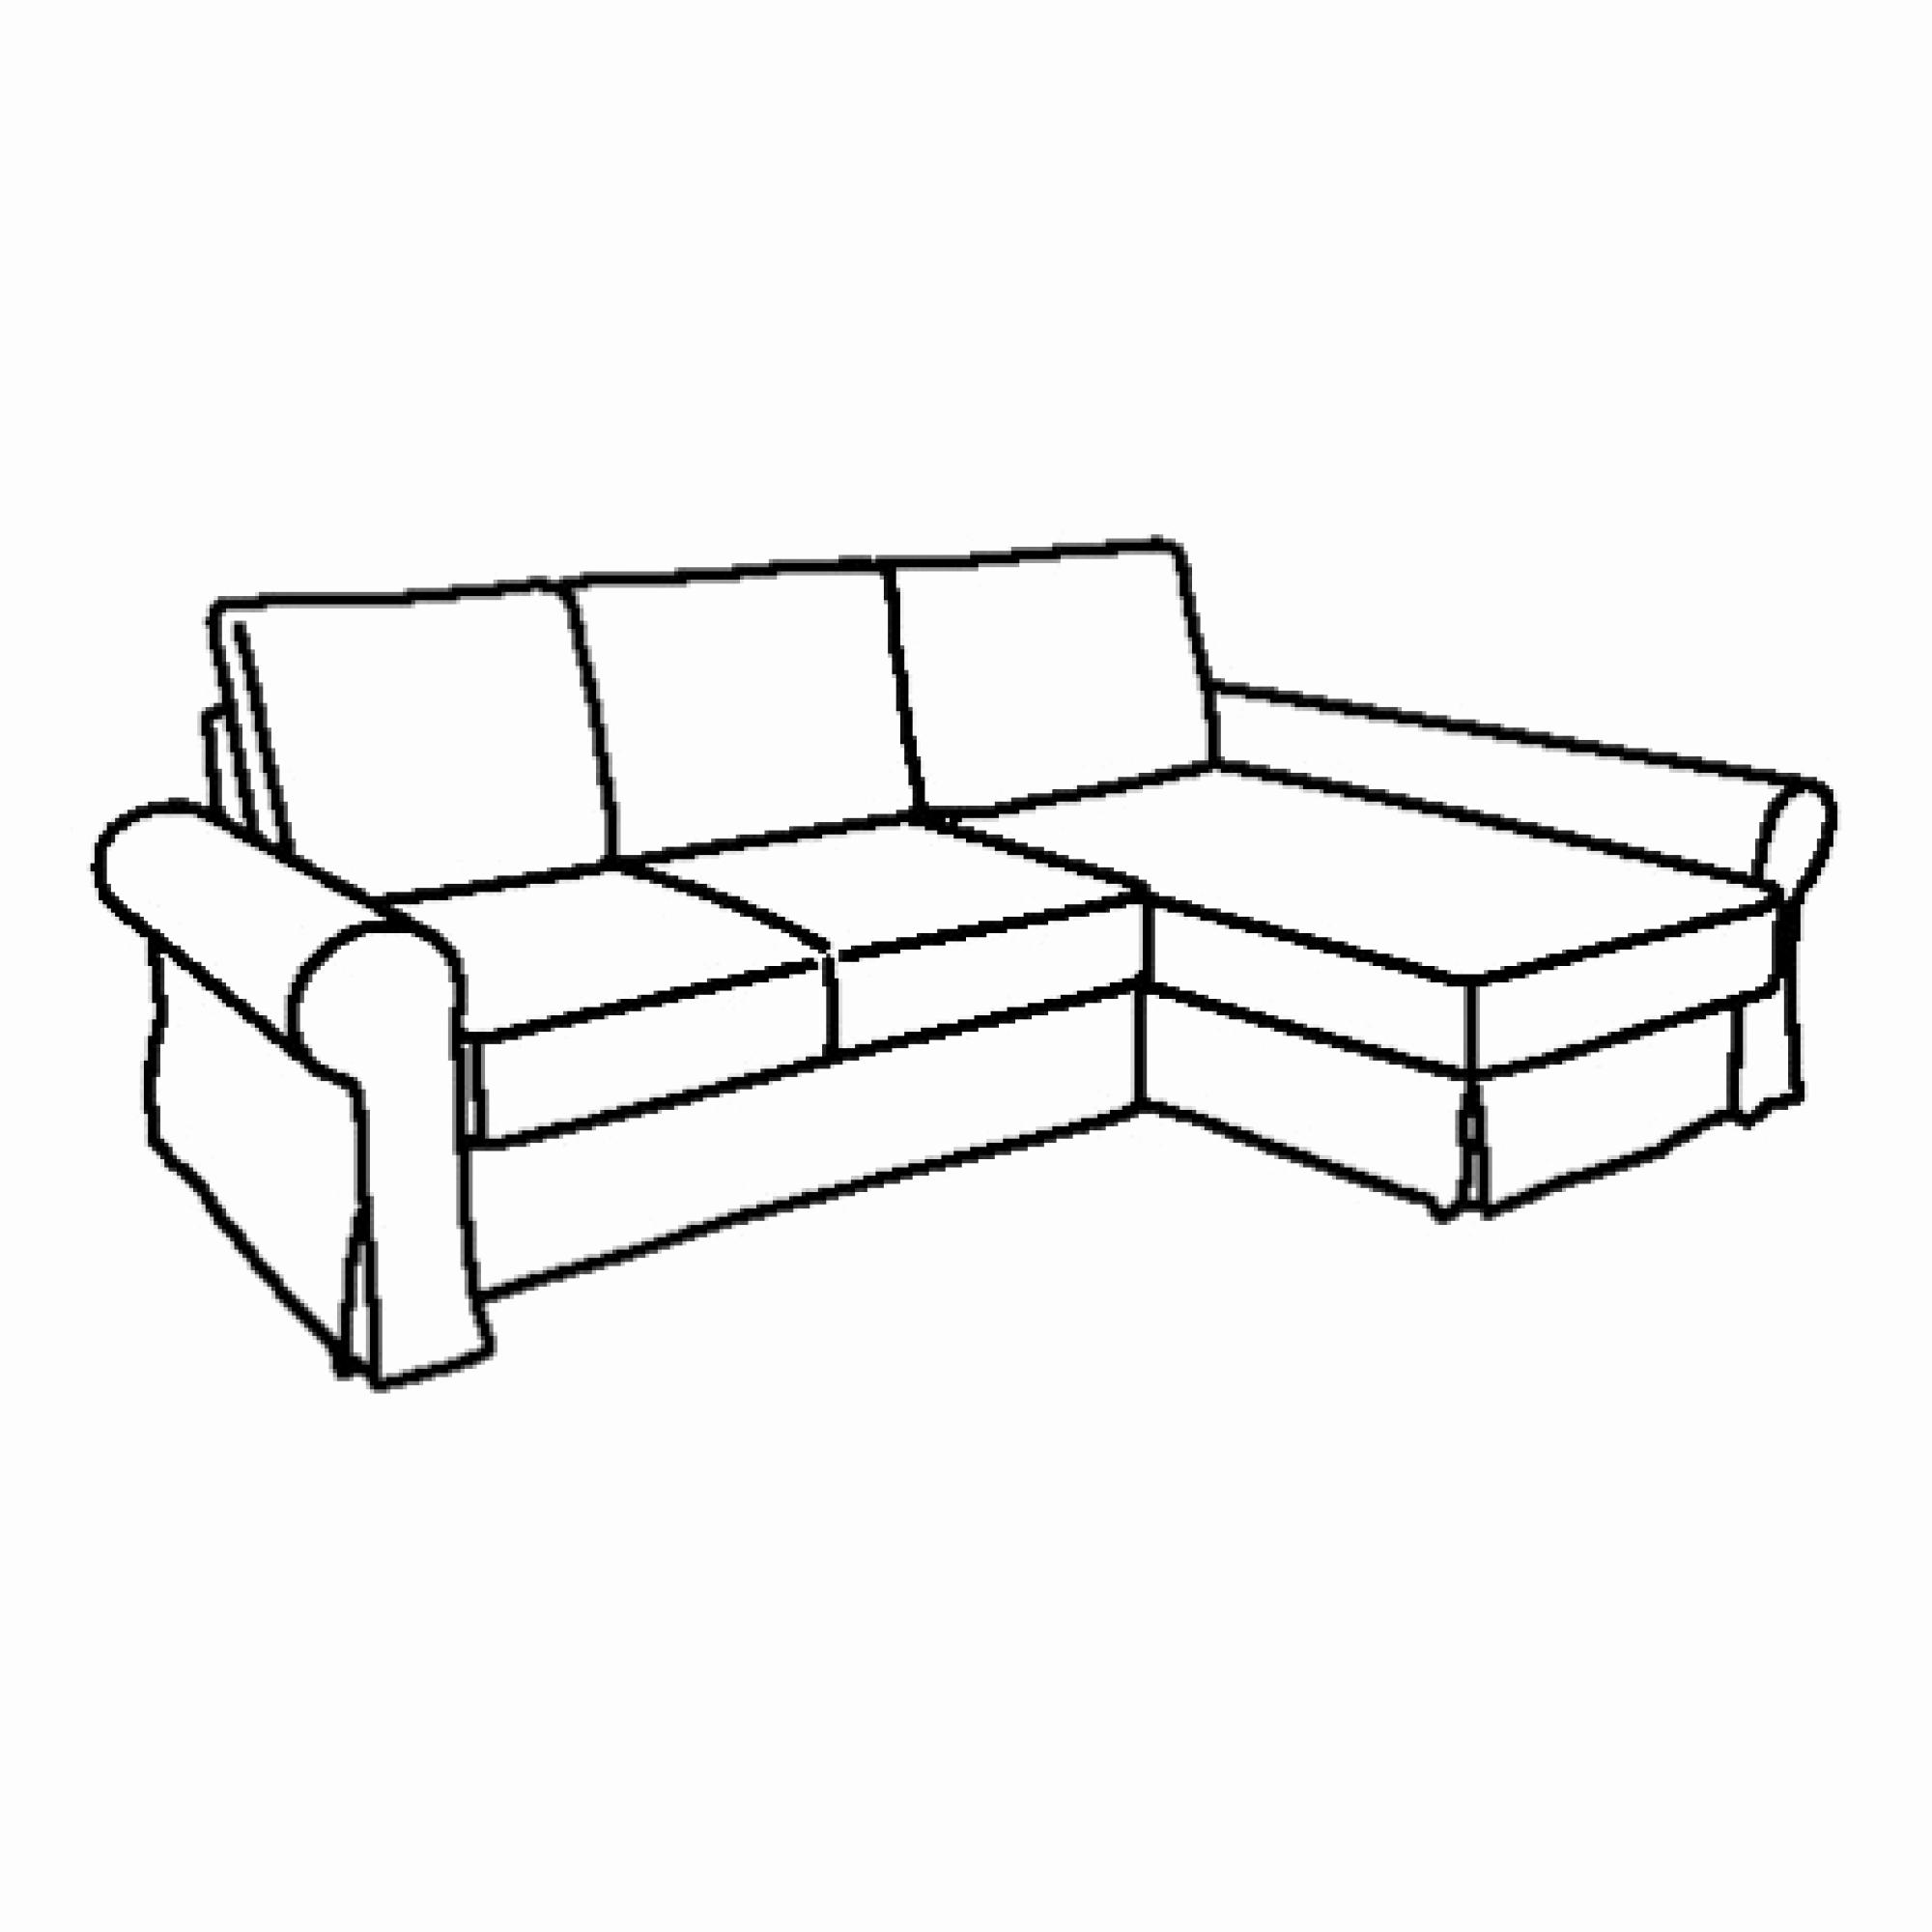 Sofa Drawing At Getdrawings